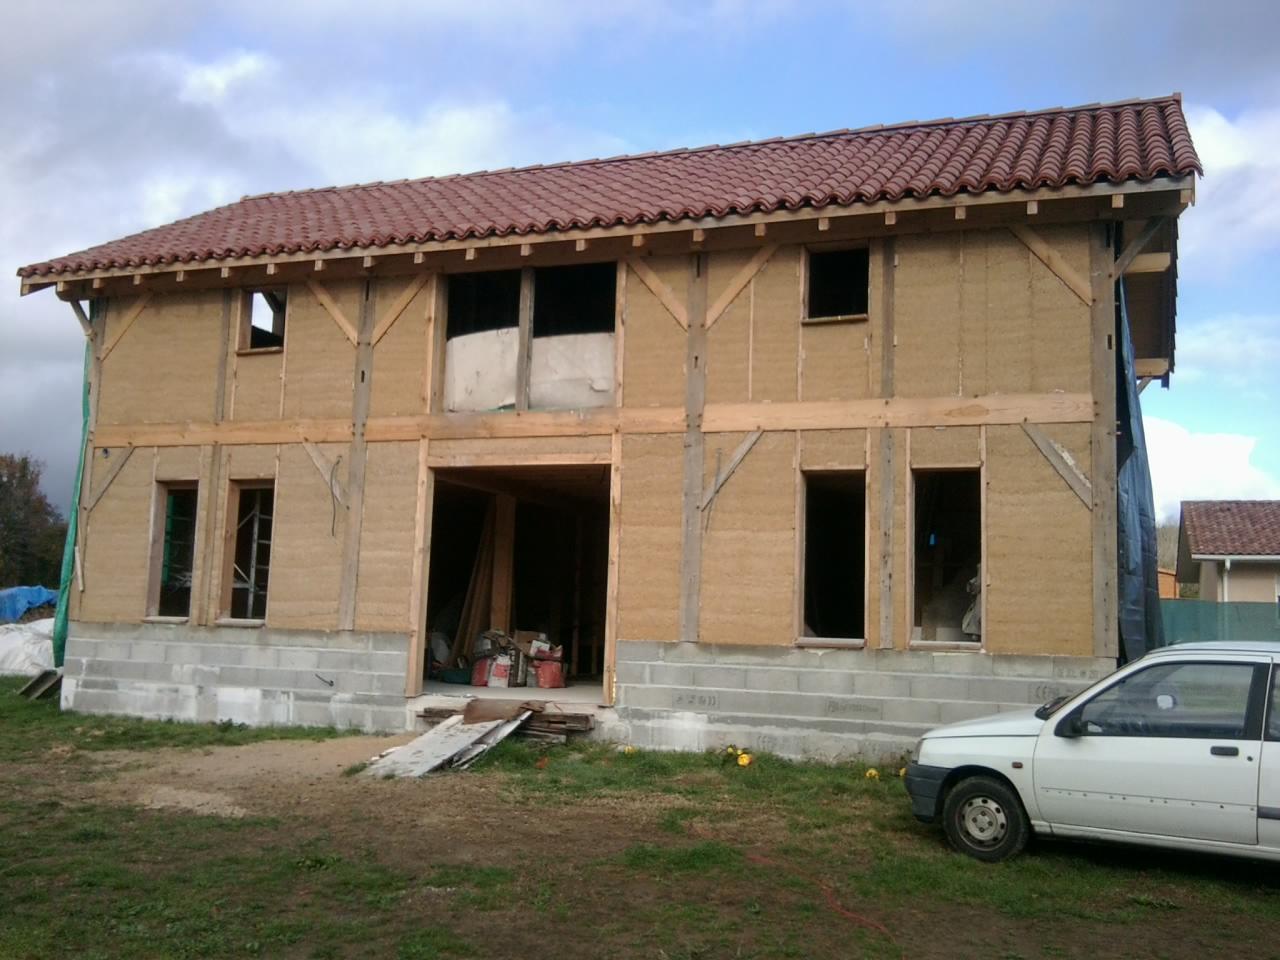 Chanvre mellois auto construction landaise for Auto construction maison